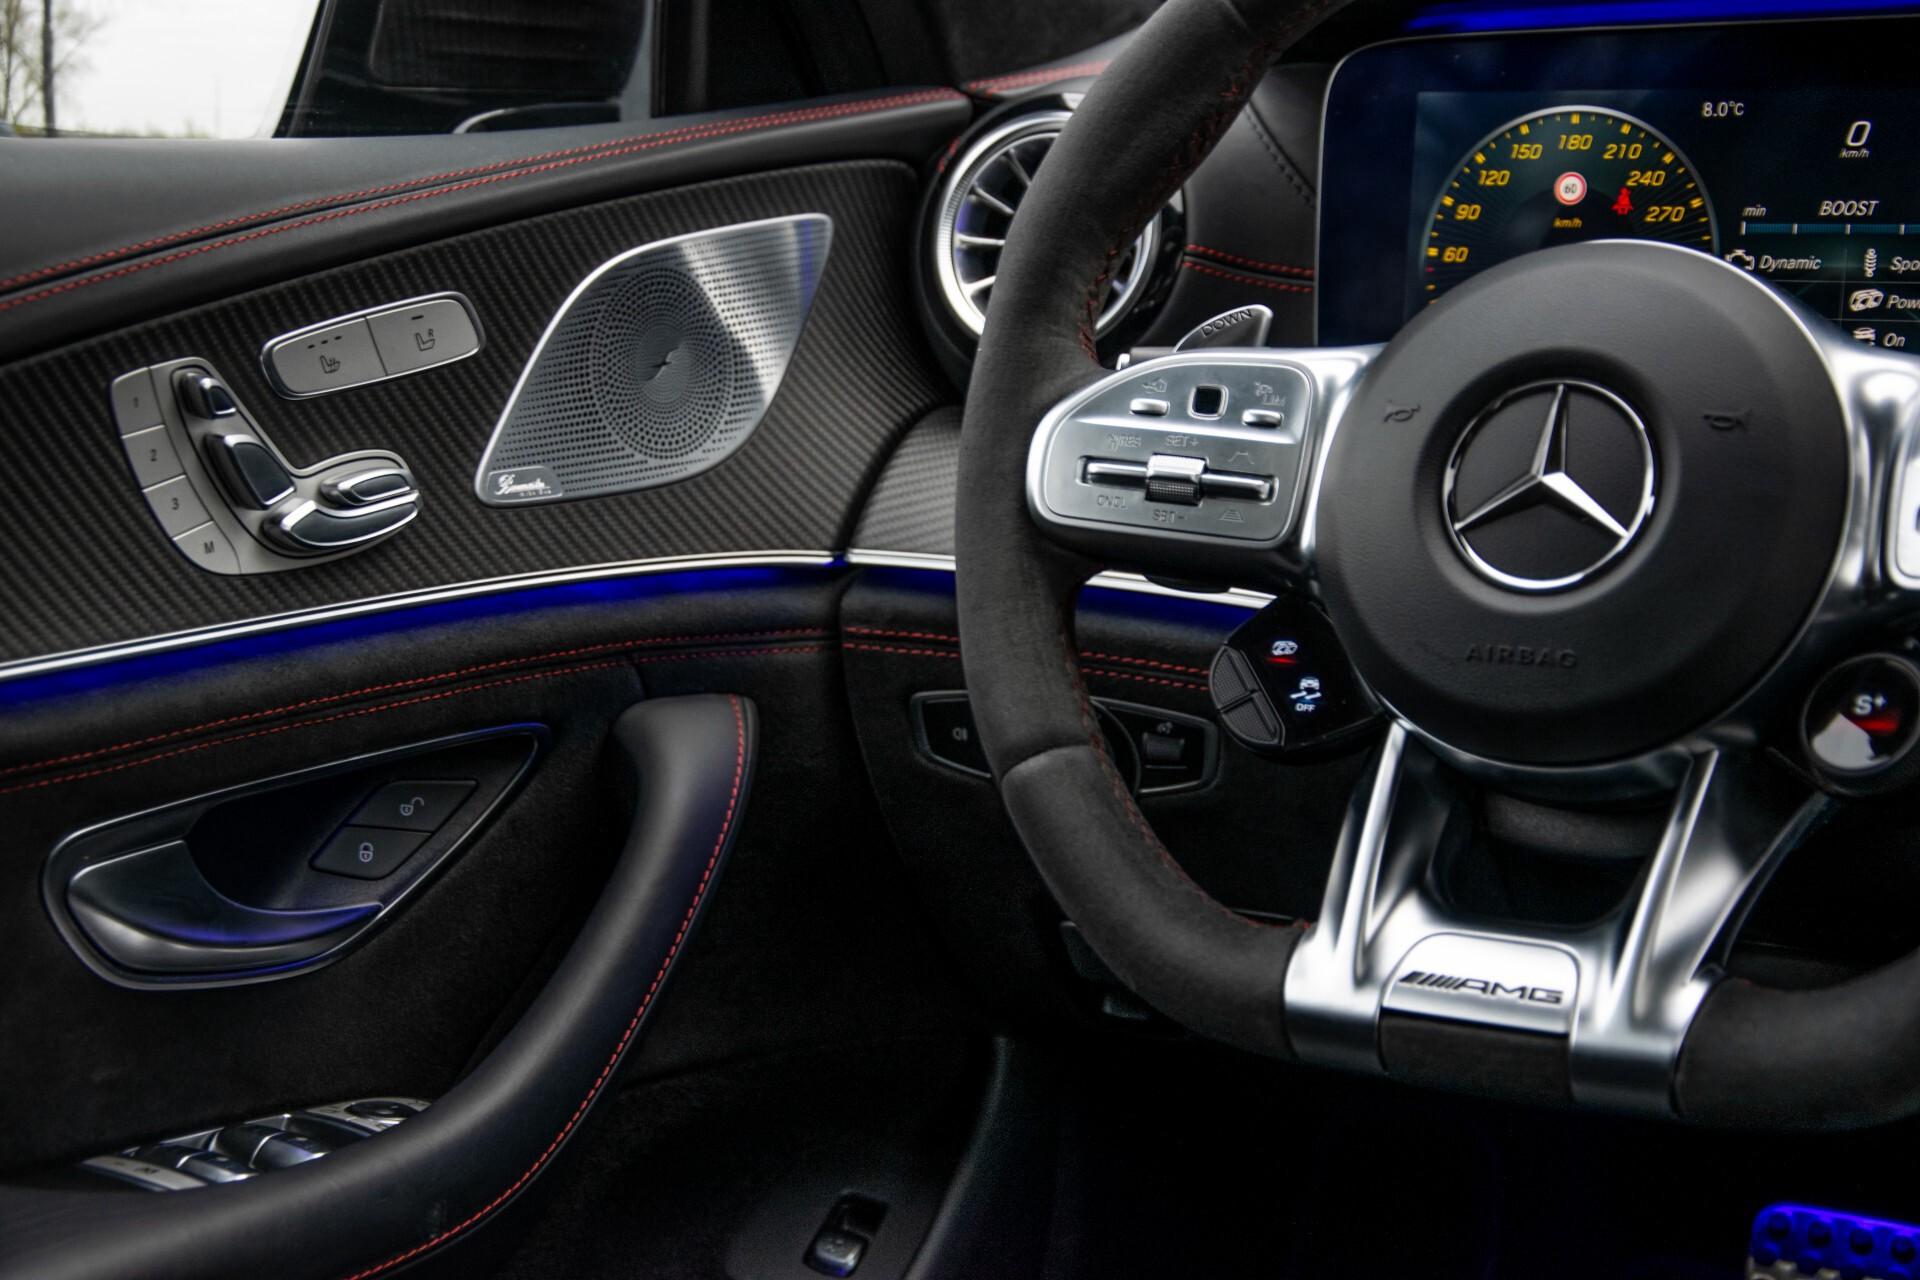 Mercedes-Benz AMG GT 4-Door Coupe 63 S 4M+ Keramisch/Full Carbon/Aerodynamica/Burmester 3D/TV/Performance stoelen/Standkachel Aut9 Foto 60